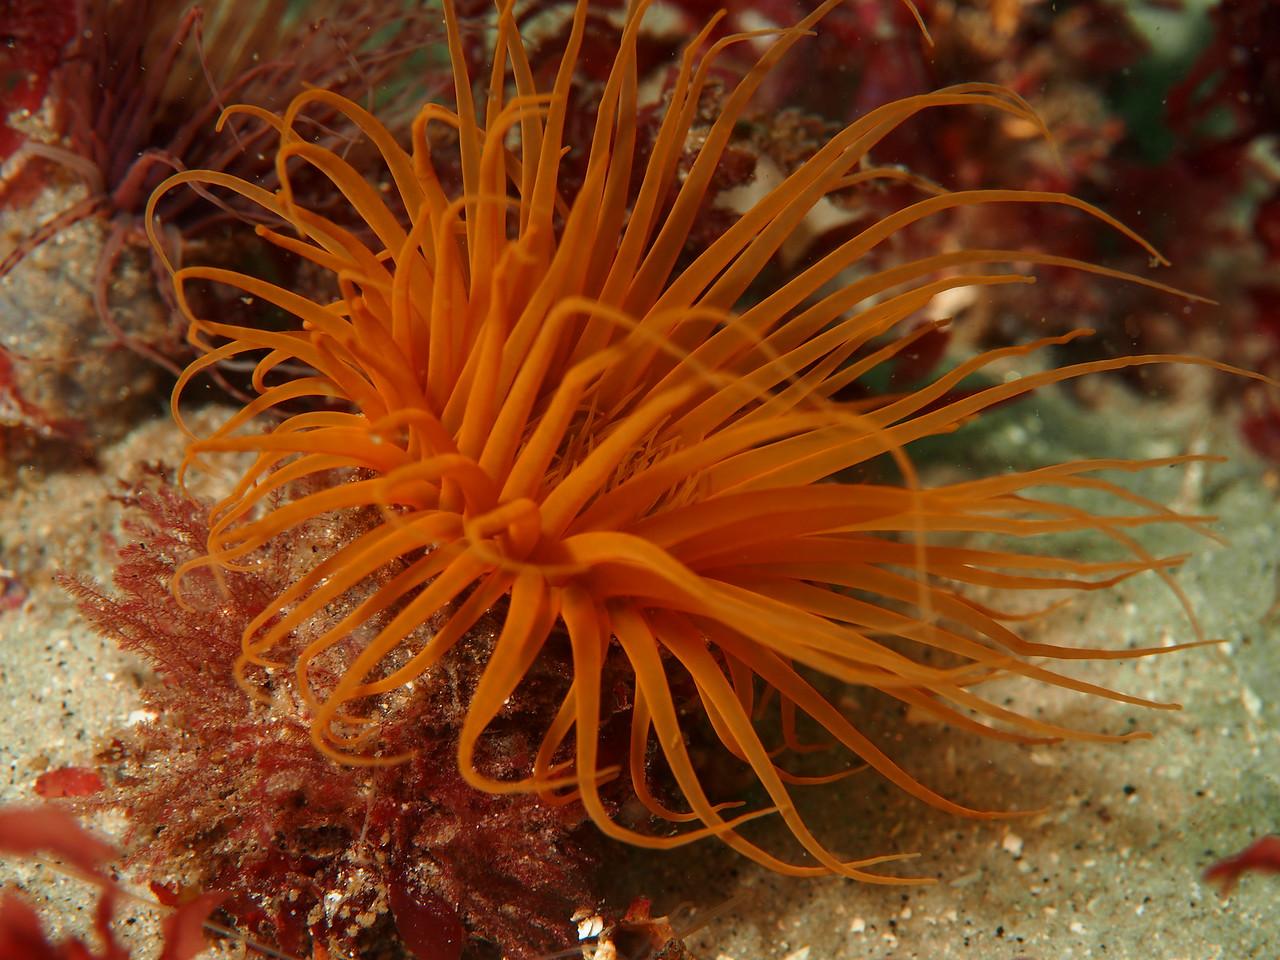 Tube-dwelling Anemone